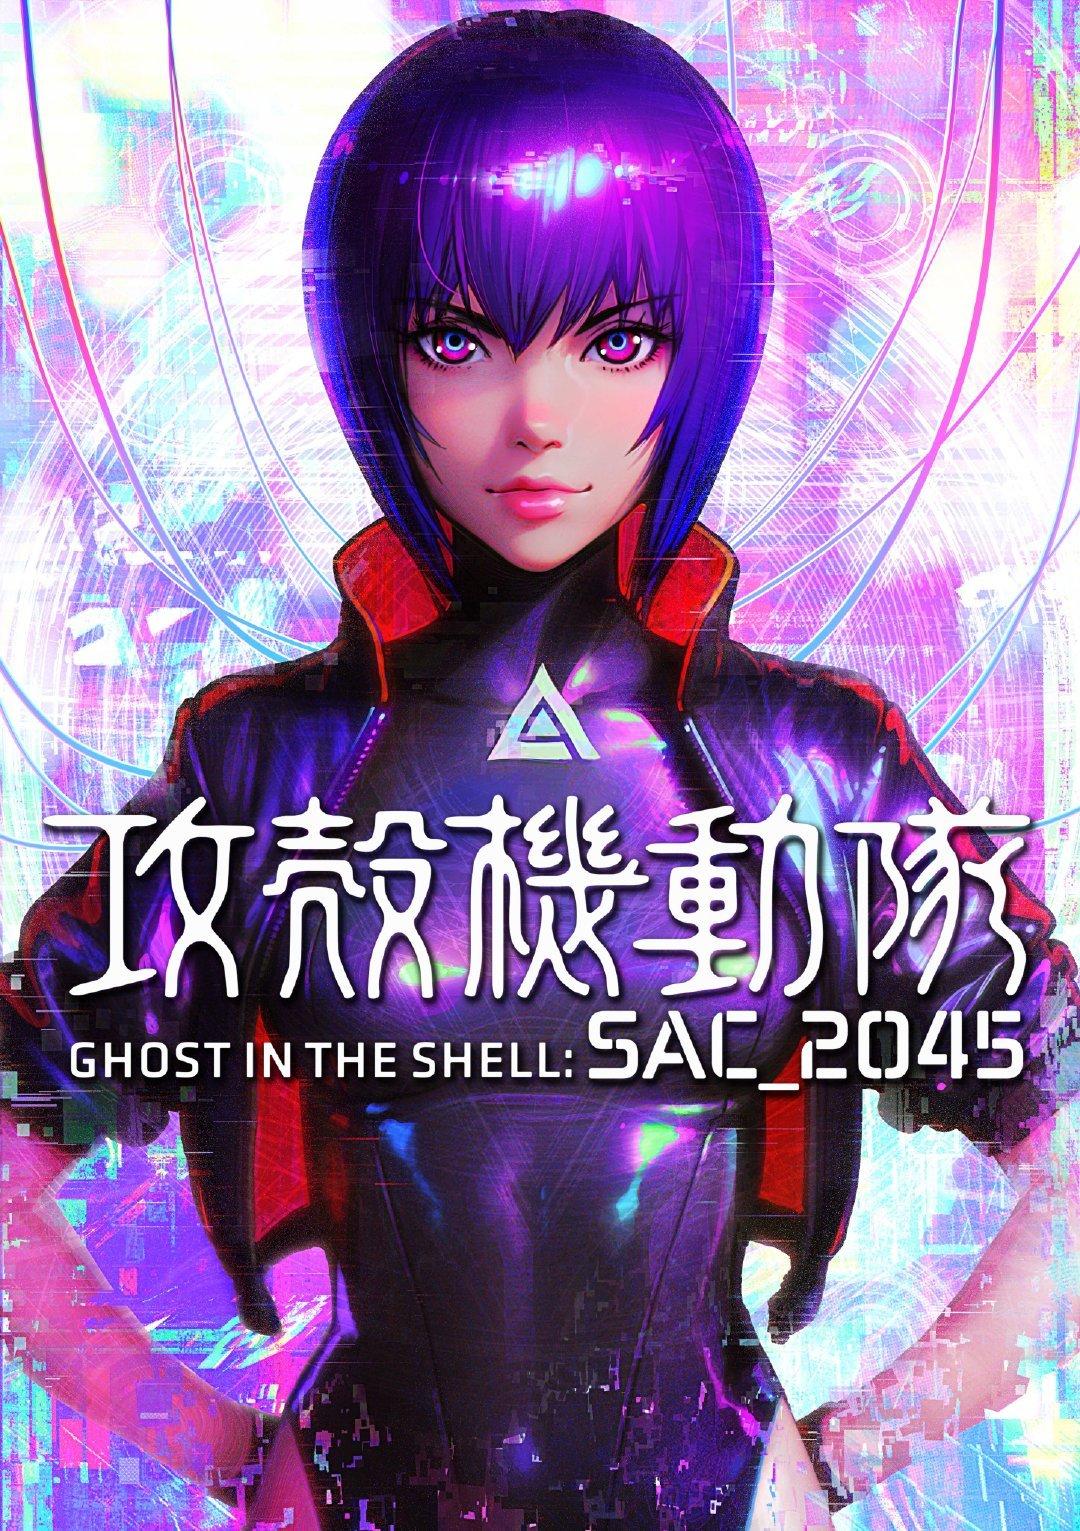 【情报】剧场版《攻壳机动队:SAC_2045》2021年上映